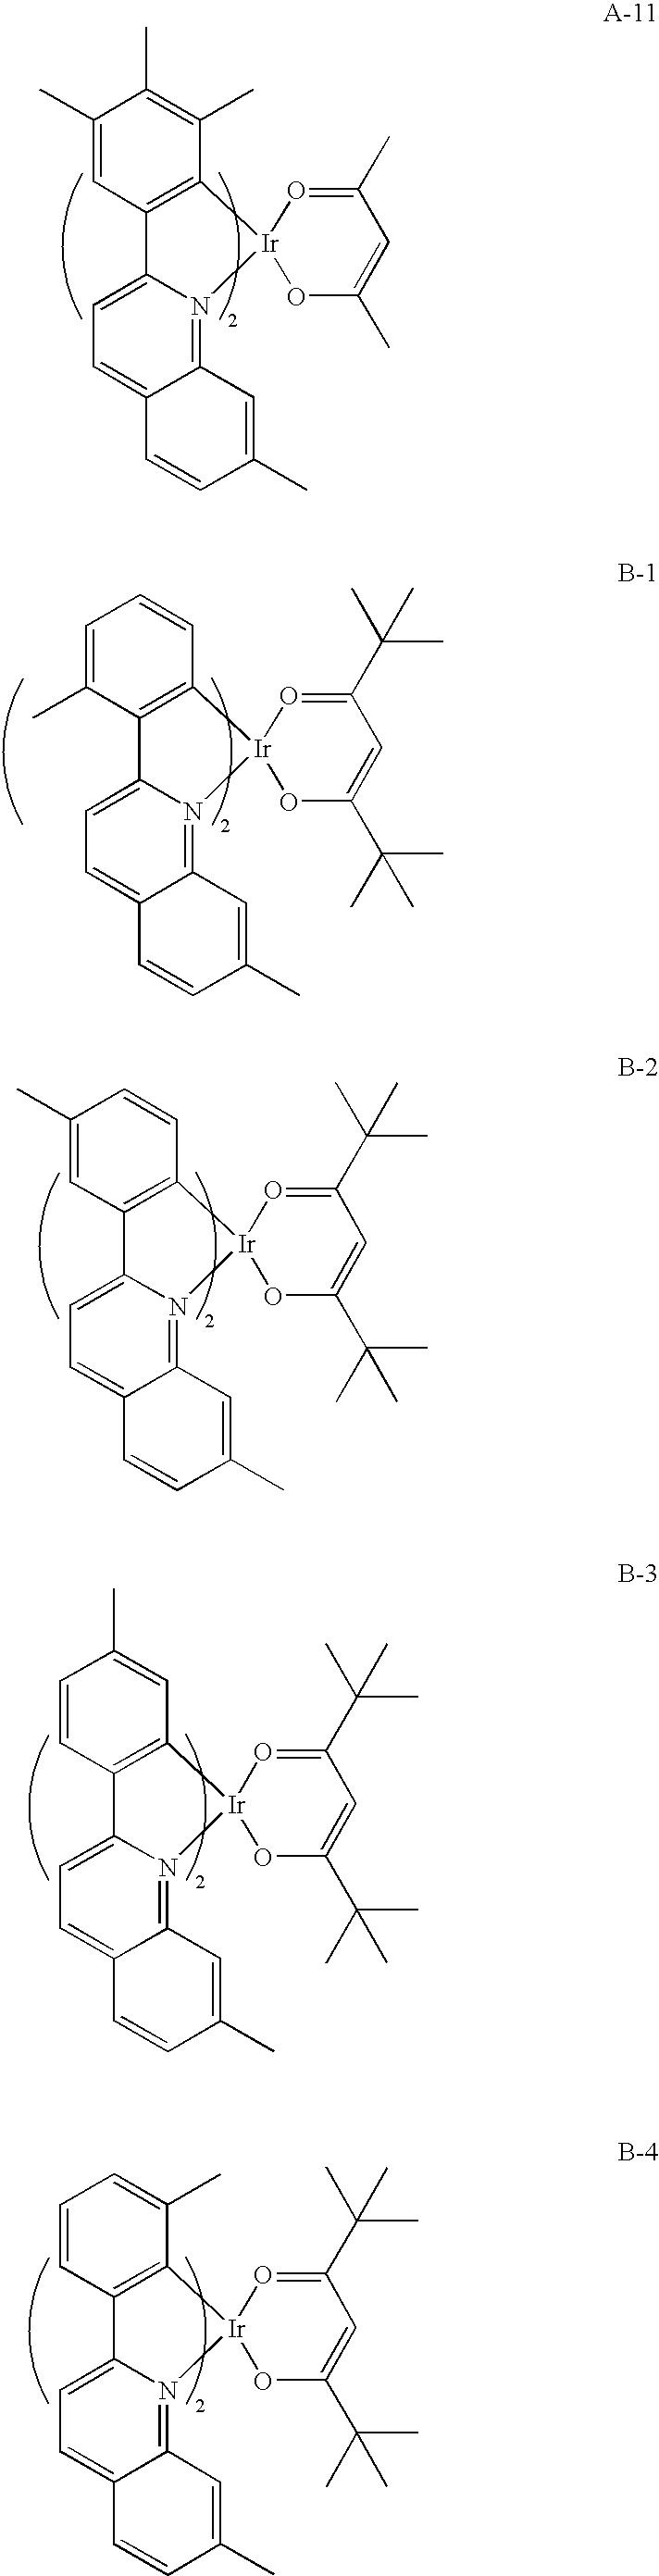 Figure US20060202194A1-20060914-C00017